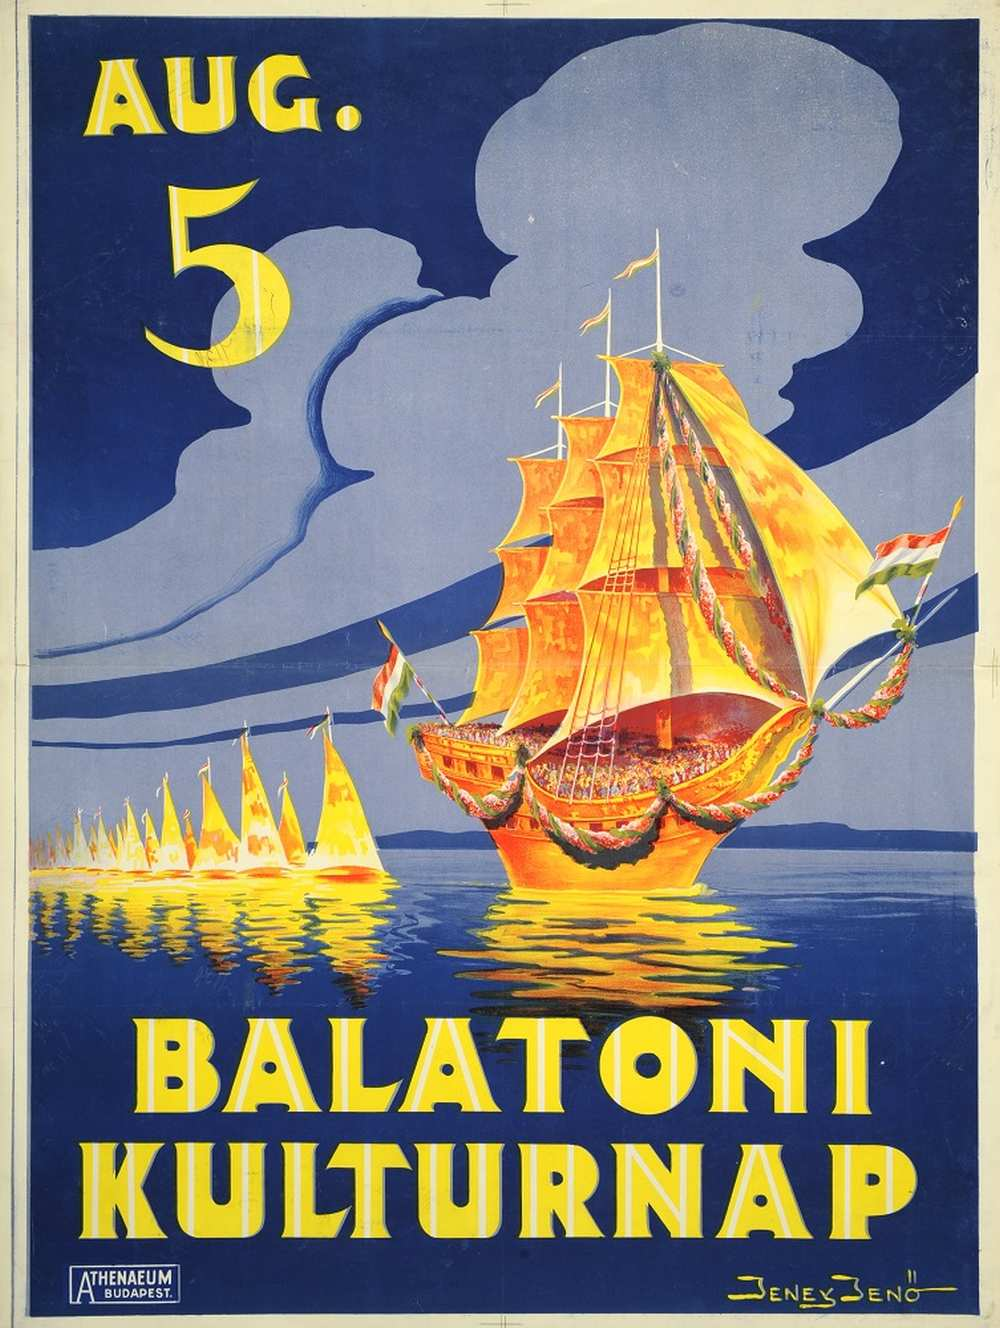 Jeney Jenő: Balatoni kultúrnap (1928). Jelzet: PKG.1928/225 – Térkép-, Plakát- és Kisnyomtatványtár http://nektar.oszk.hu/hu/manifestation/2787188